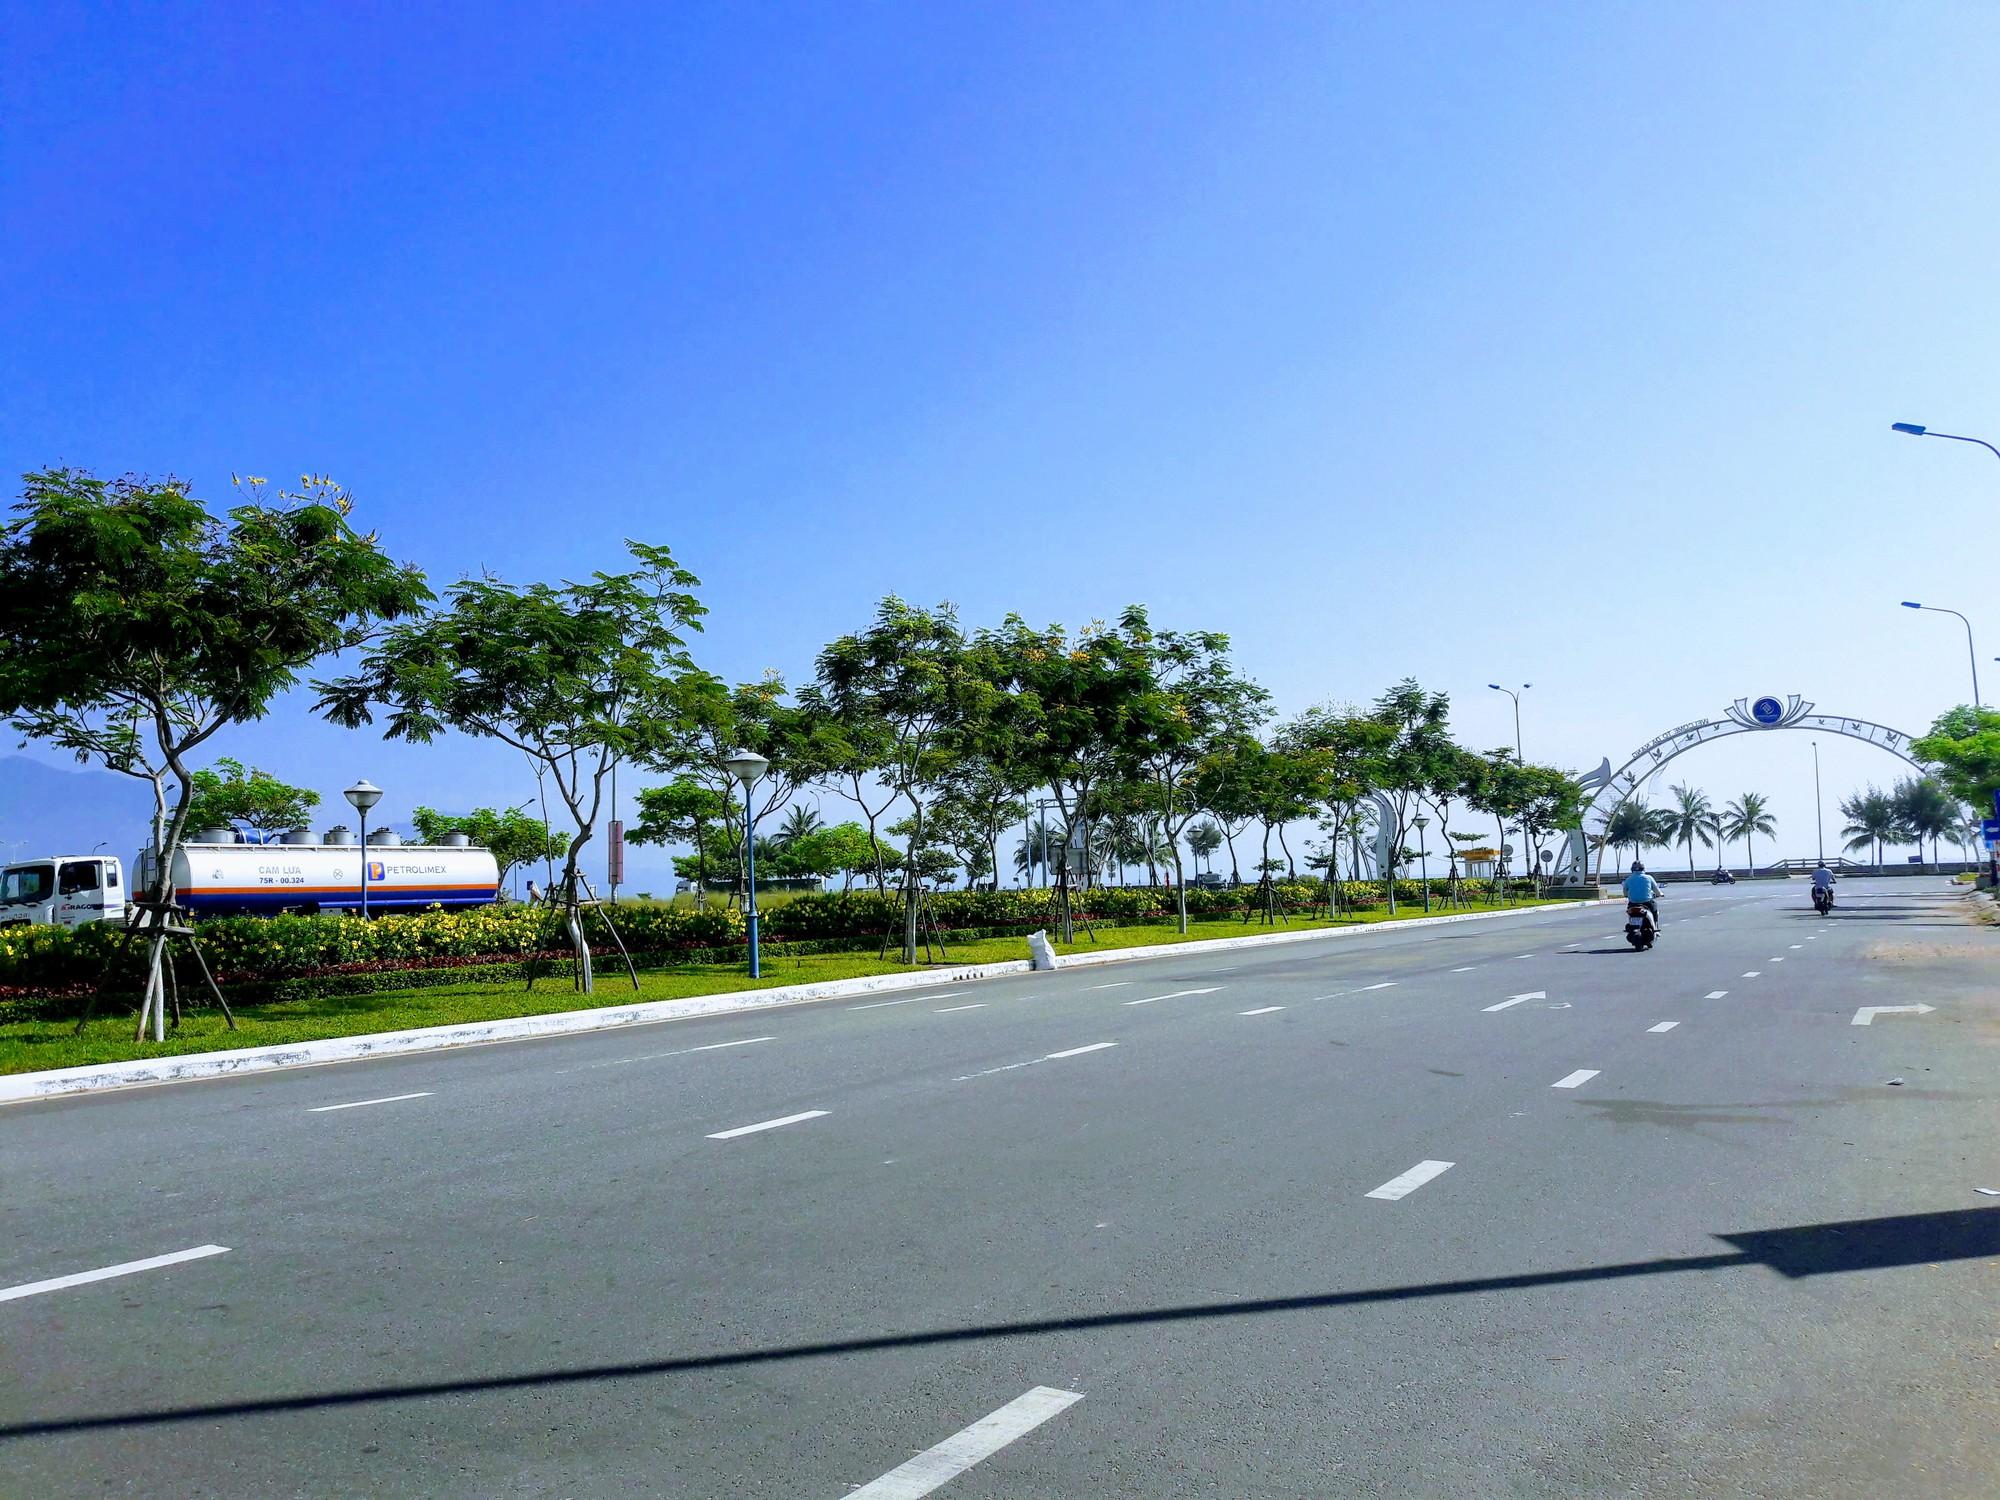 Cận cảnh nơi Đà Nẵng sẽ làm quảng trường kết hợp bãi đậu xe khủng hơn 4.000m2 - Ảnh 2.